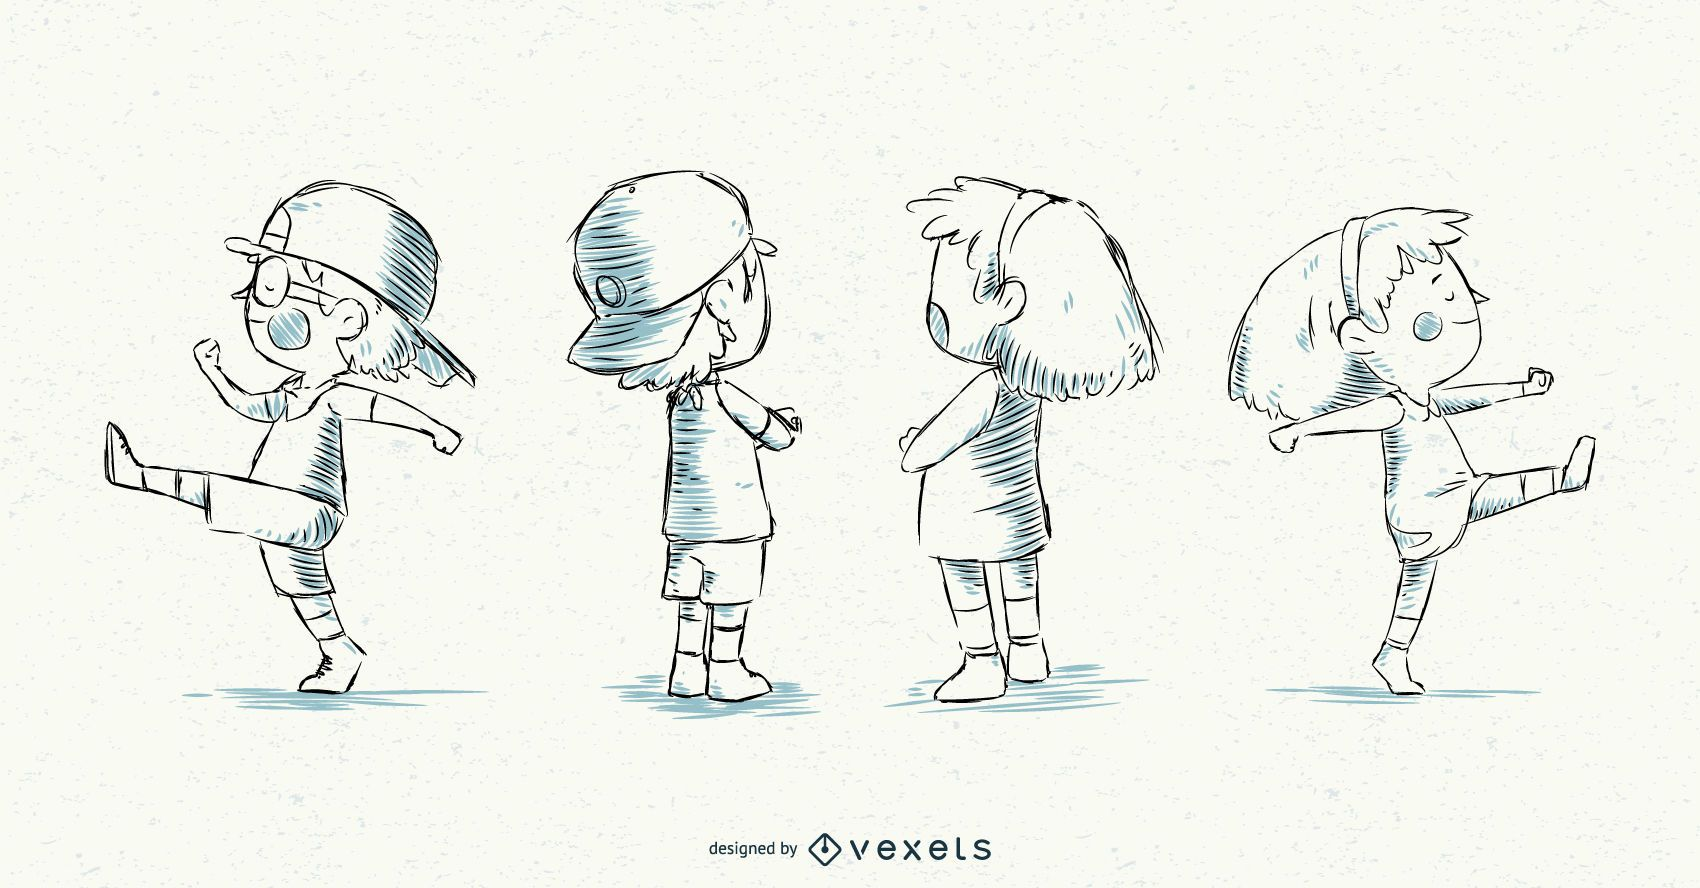 Desenho de ilustra??o de tra?os de menina e menino